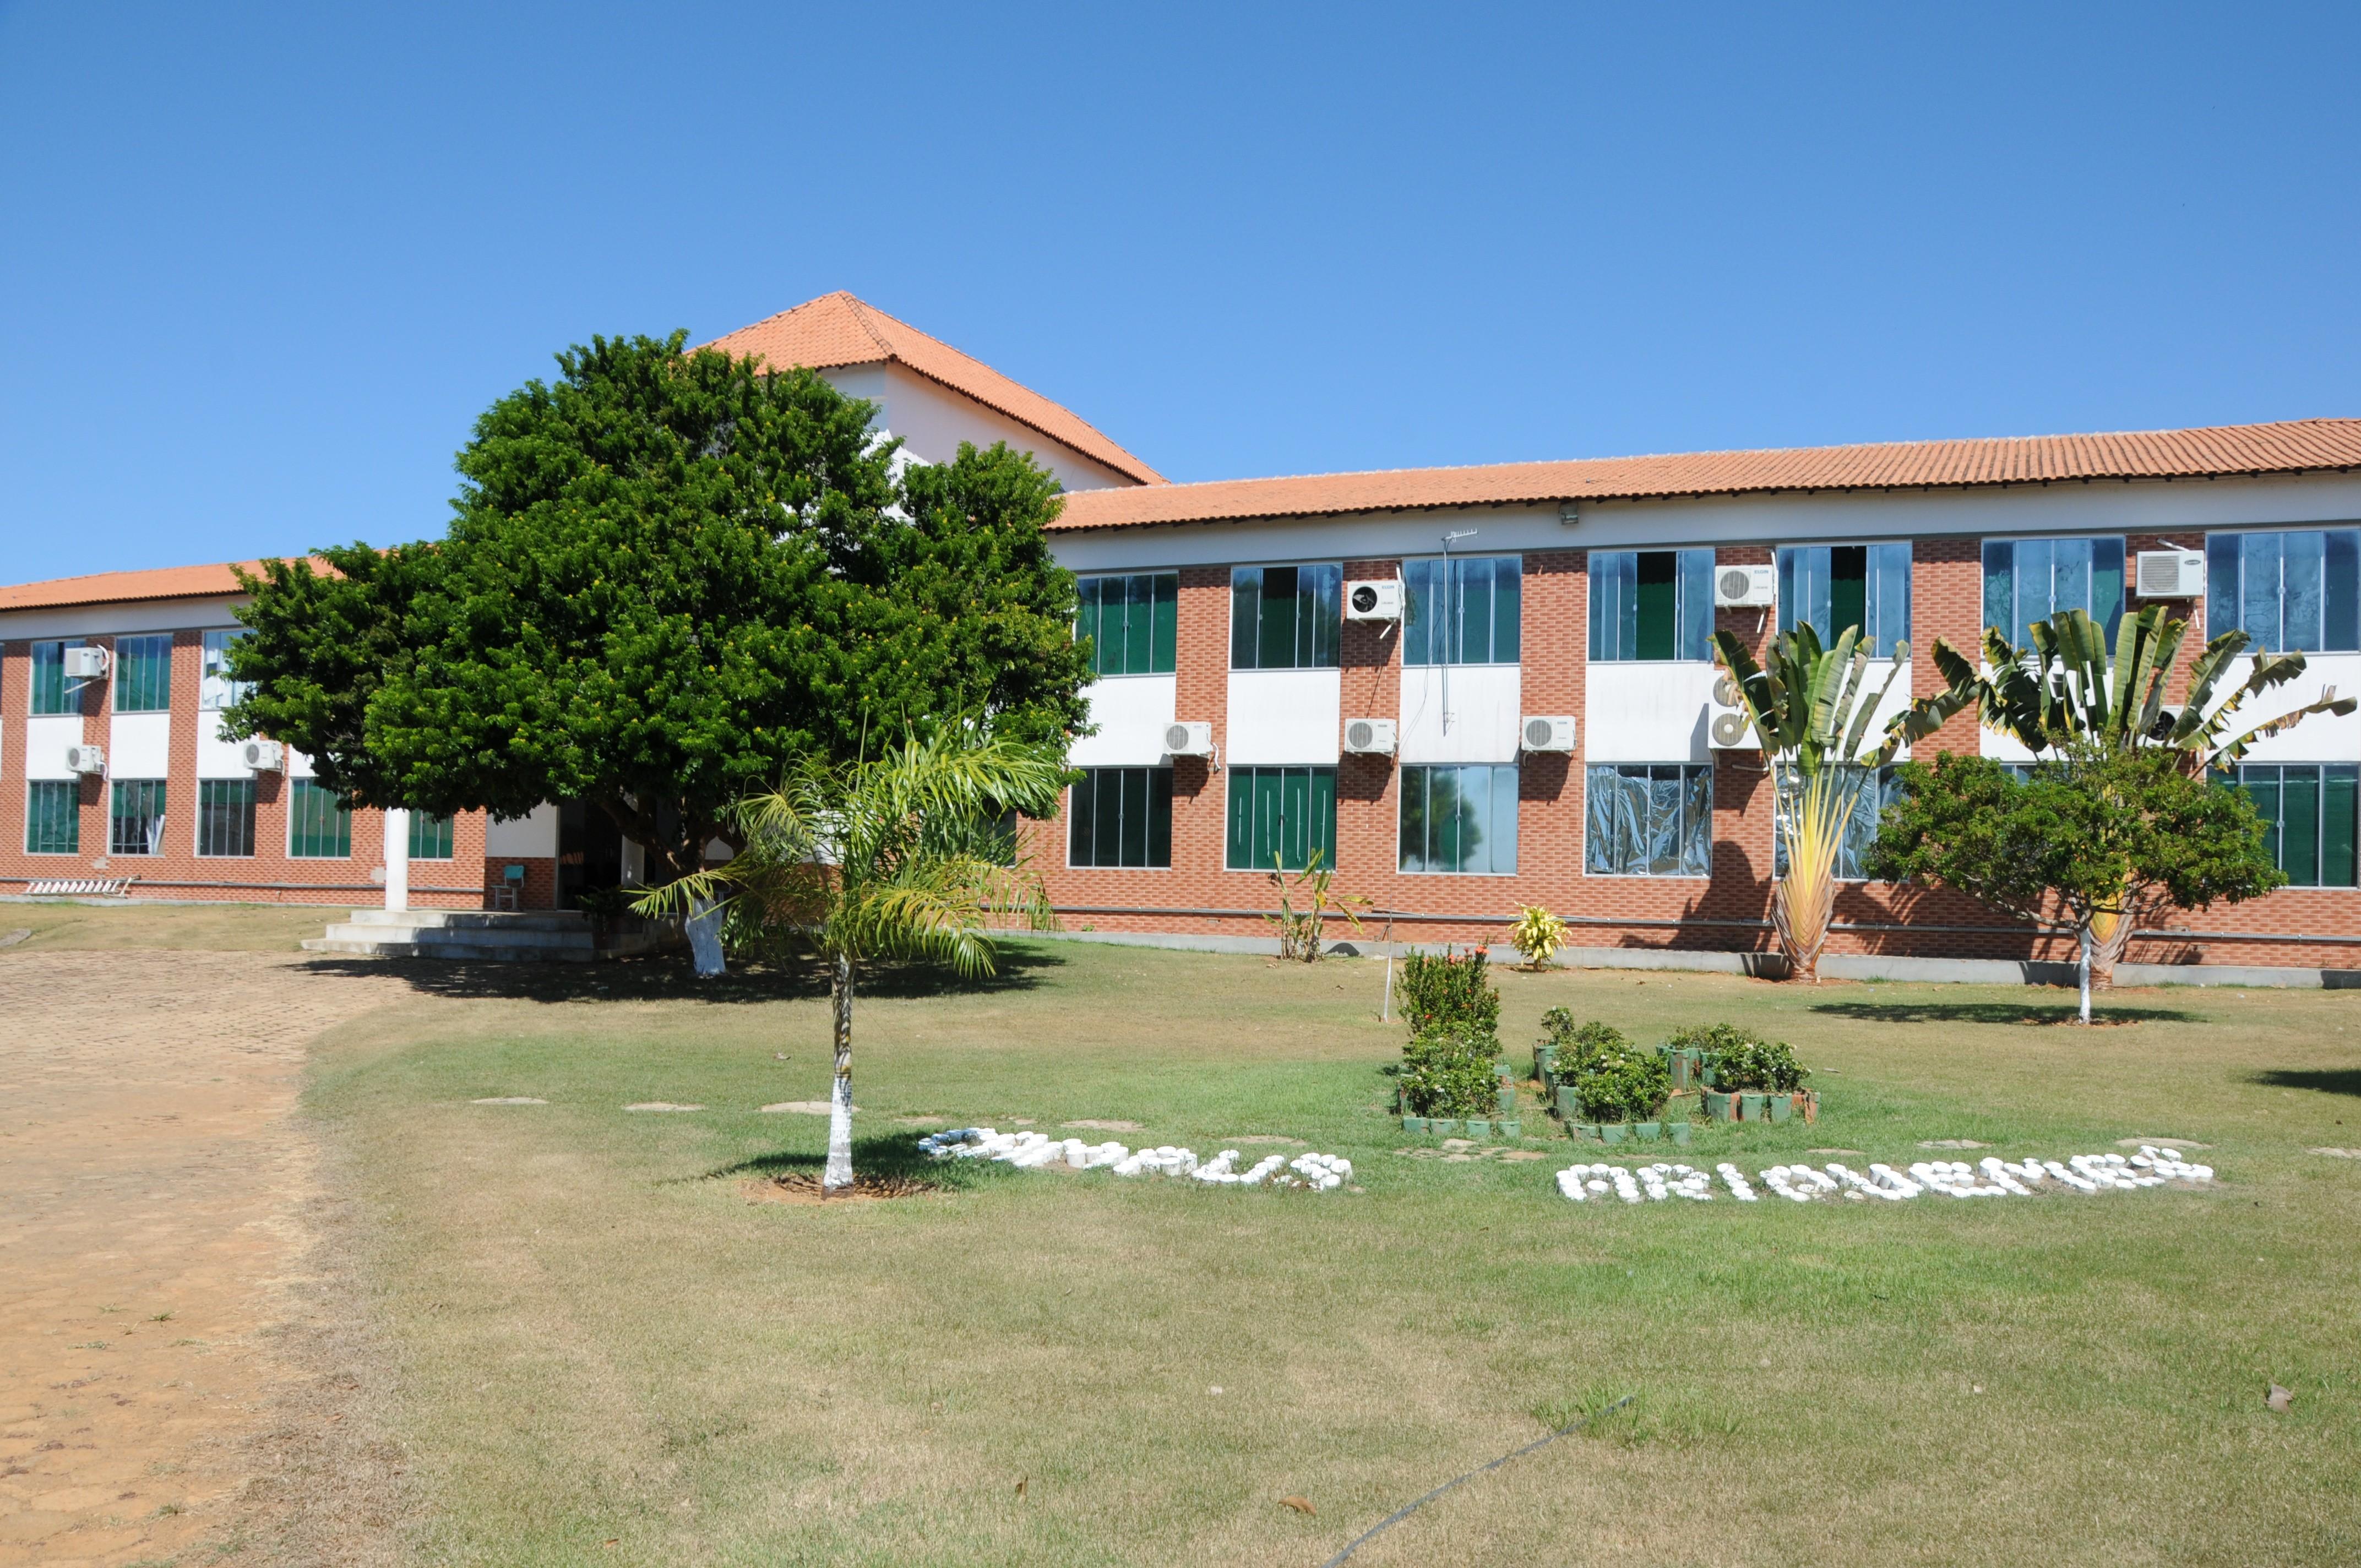 Seleção é aberta para professor substituto de informática no campus do Ifro de Ariquemes, RO